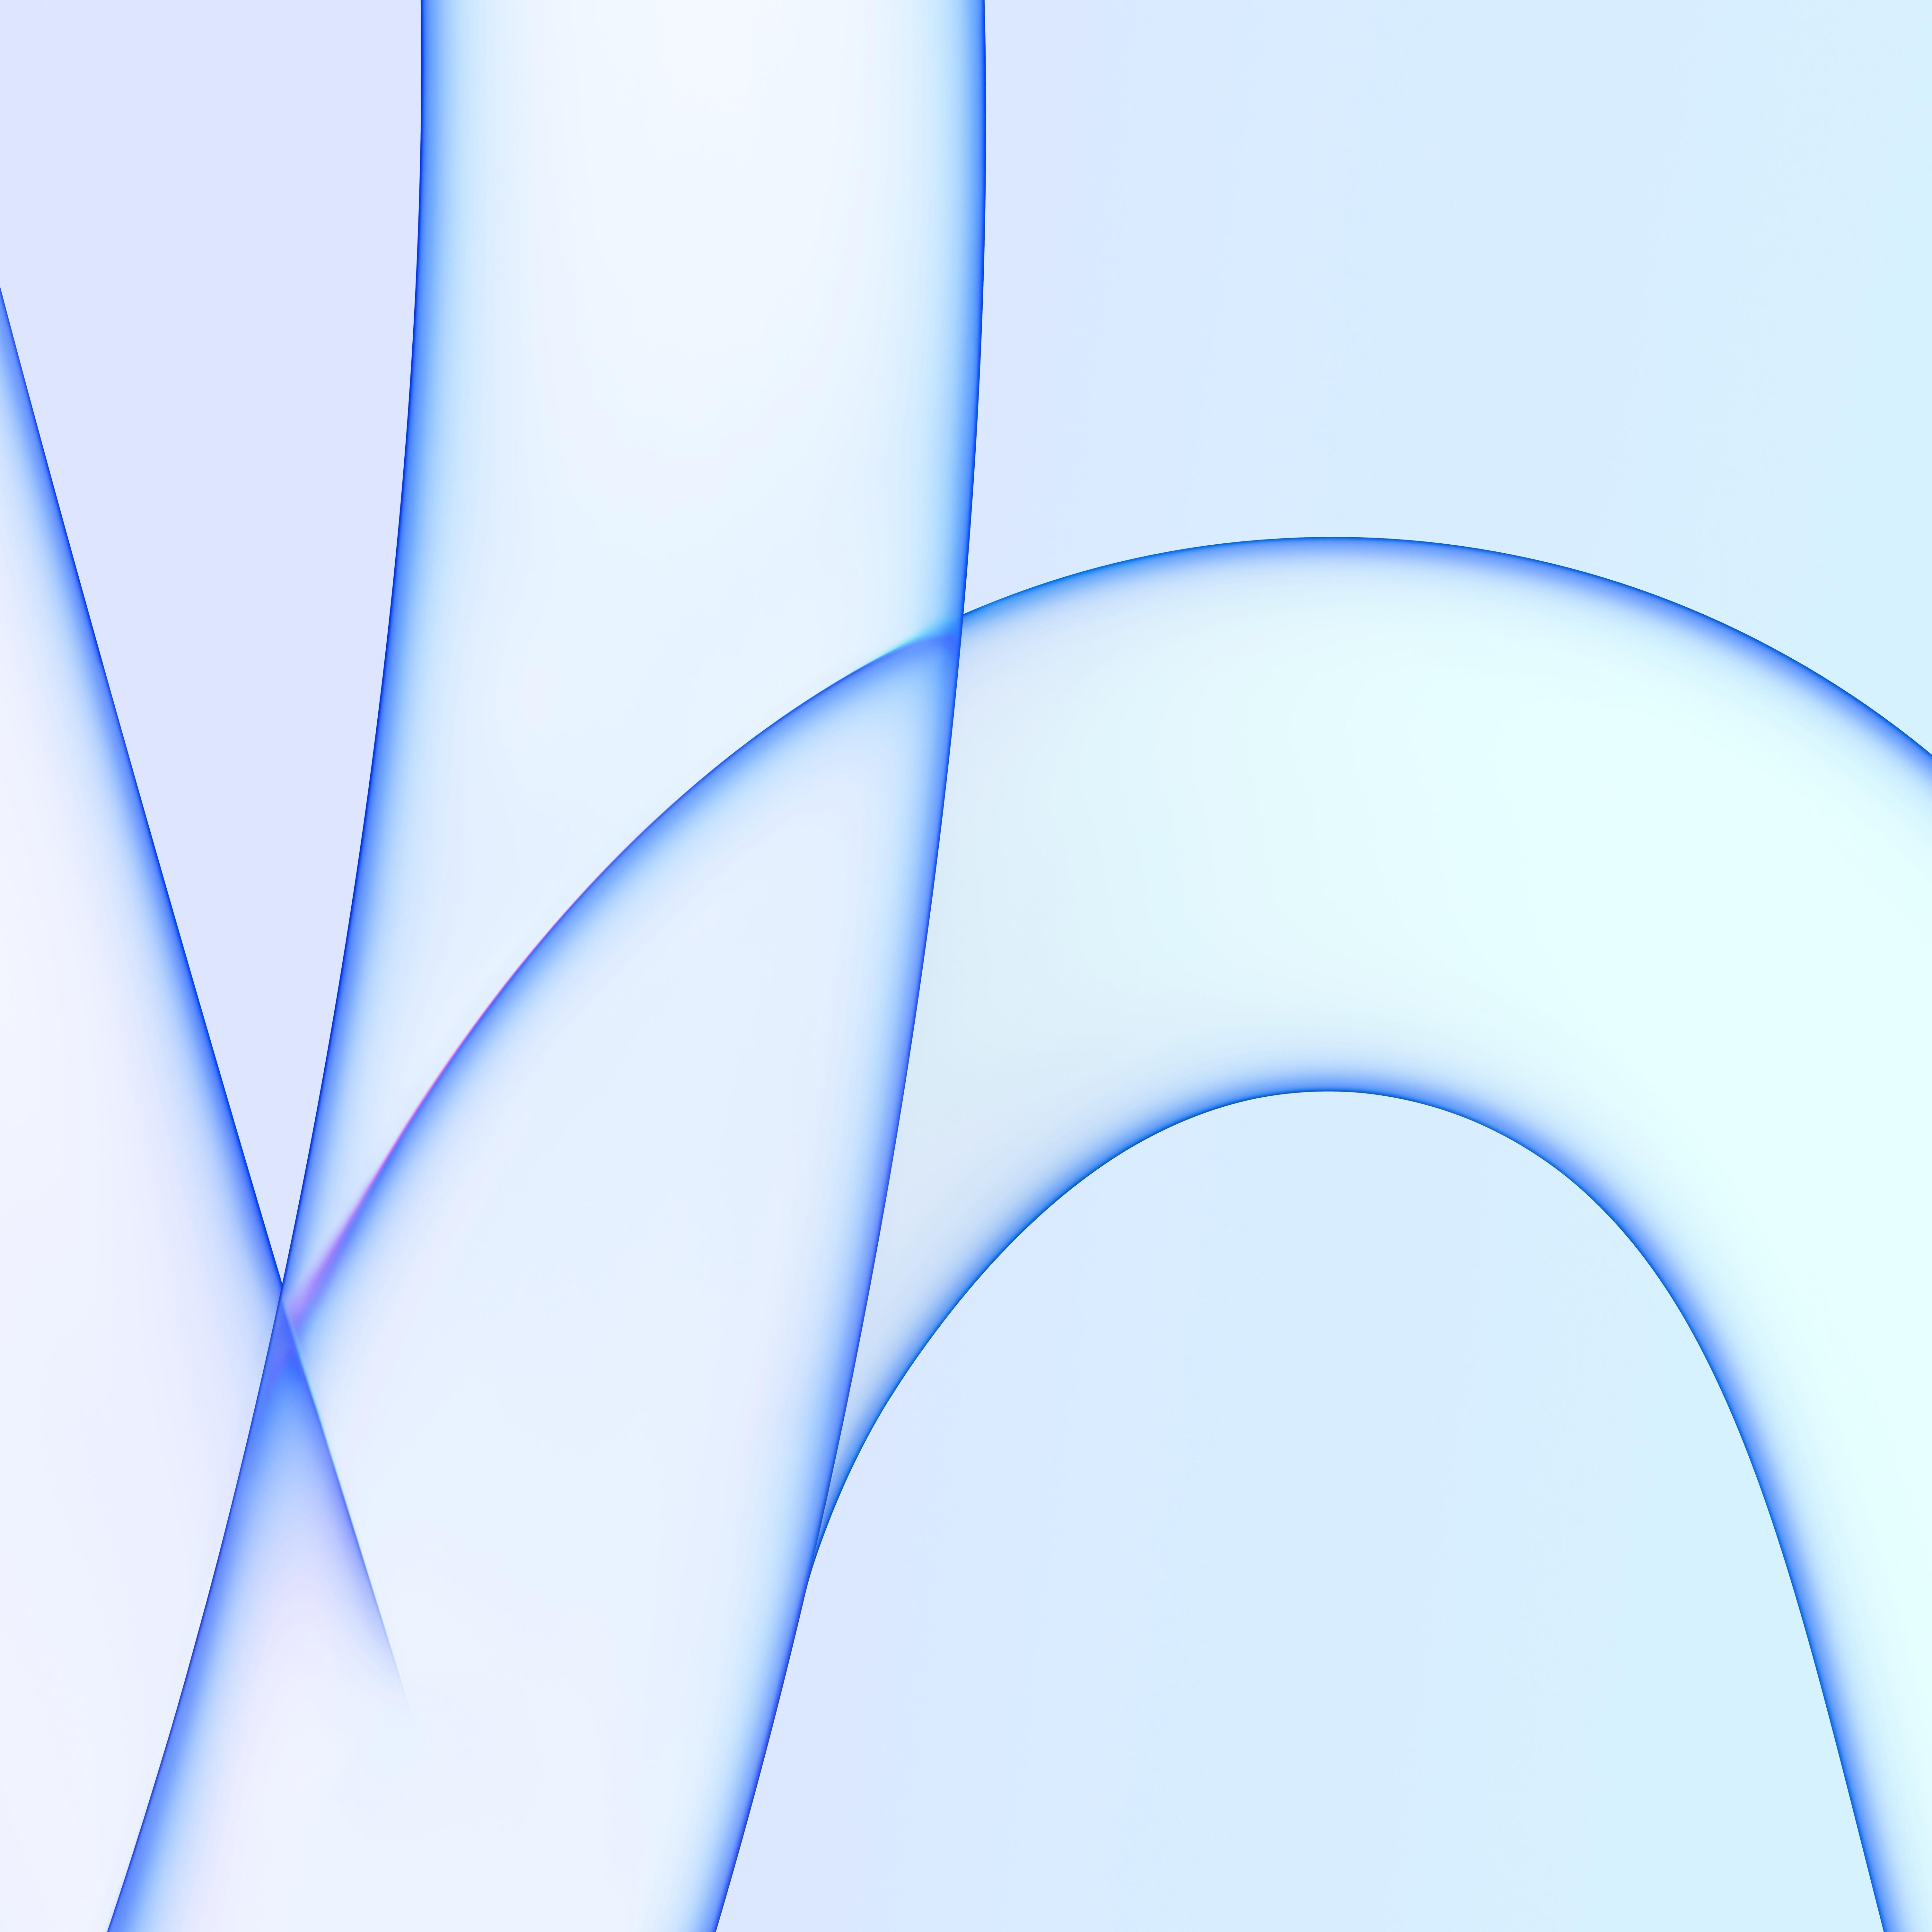 2021 iMac color matching wallpaper idownloadblog (Blue Light) @AR72014